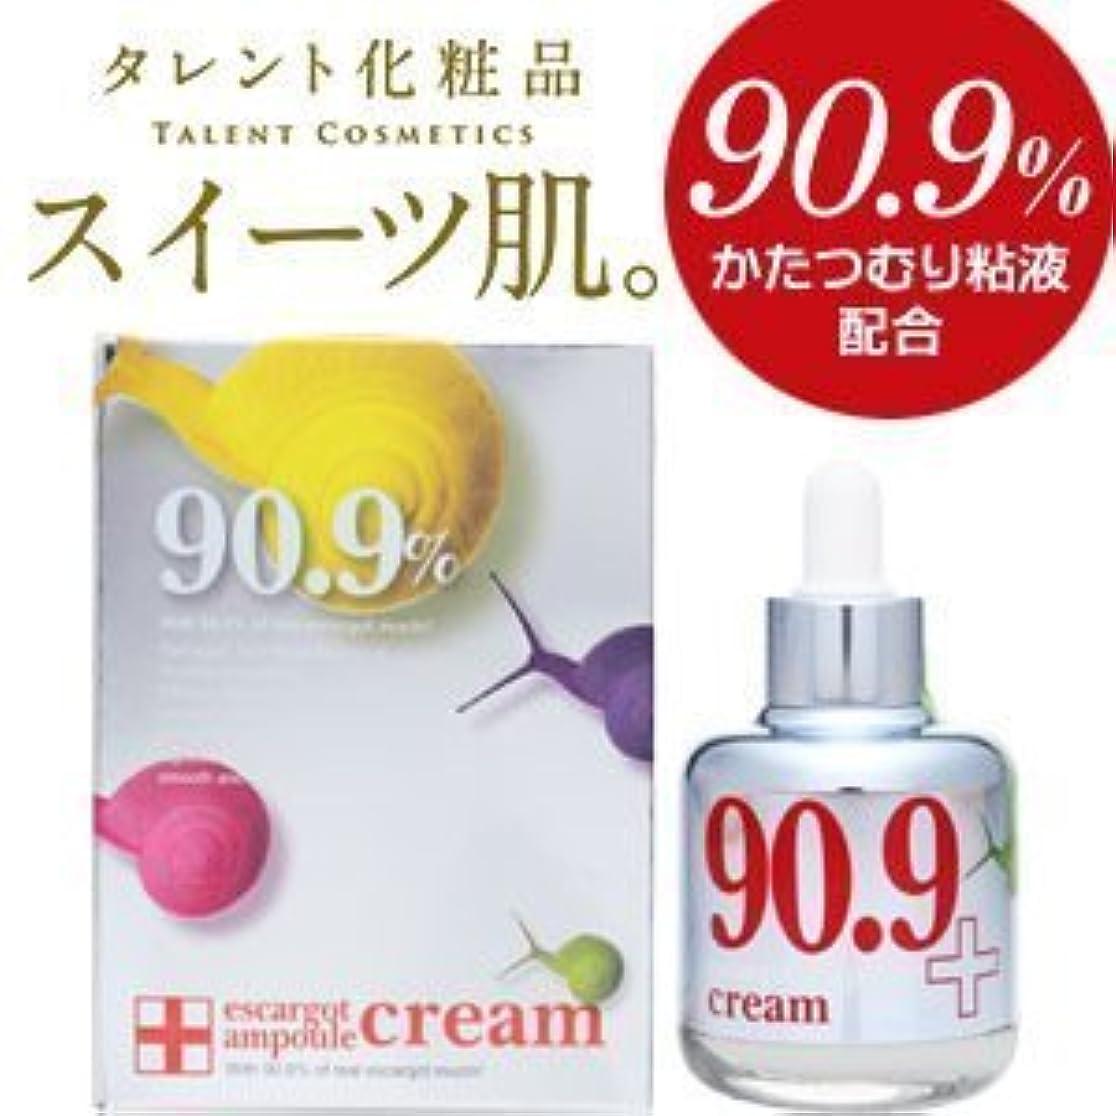 グリルダニ野望【カタツムリクリーム】90.9%エスカルゴアンプルクリーム正規輸入品